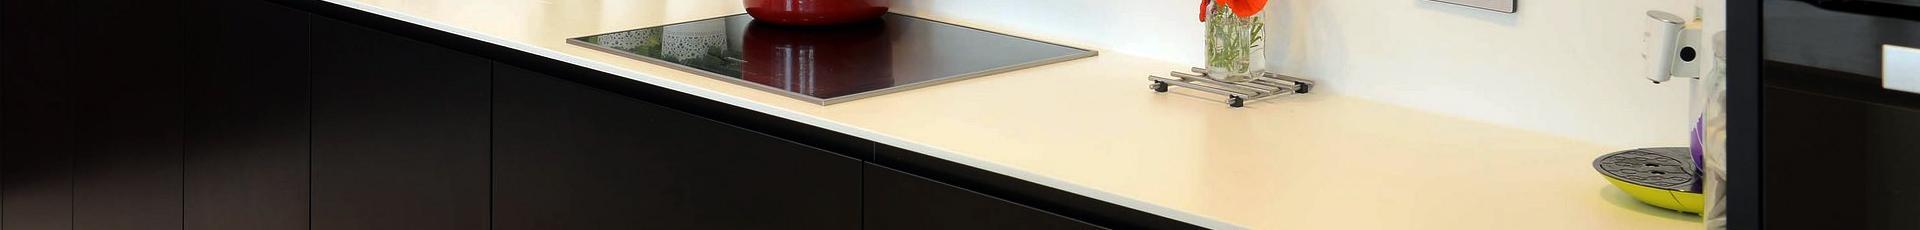 antet corian staron himacs kerrock mat